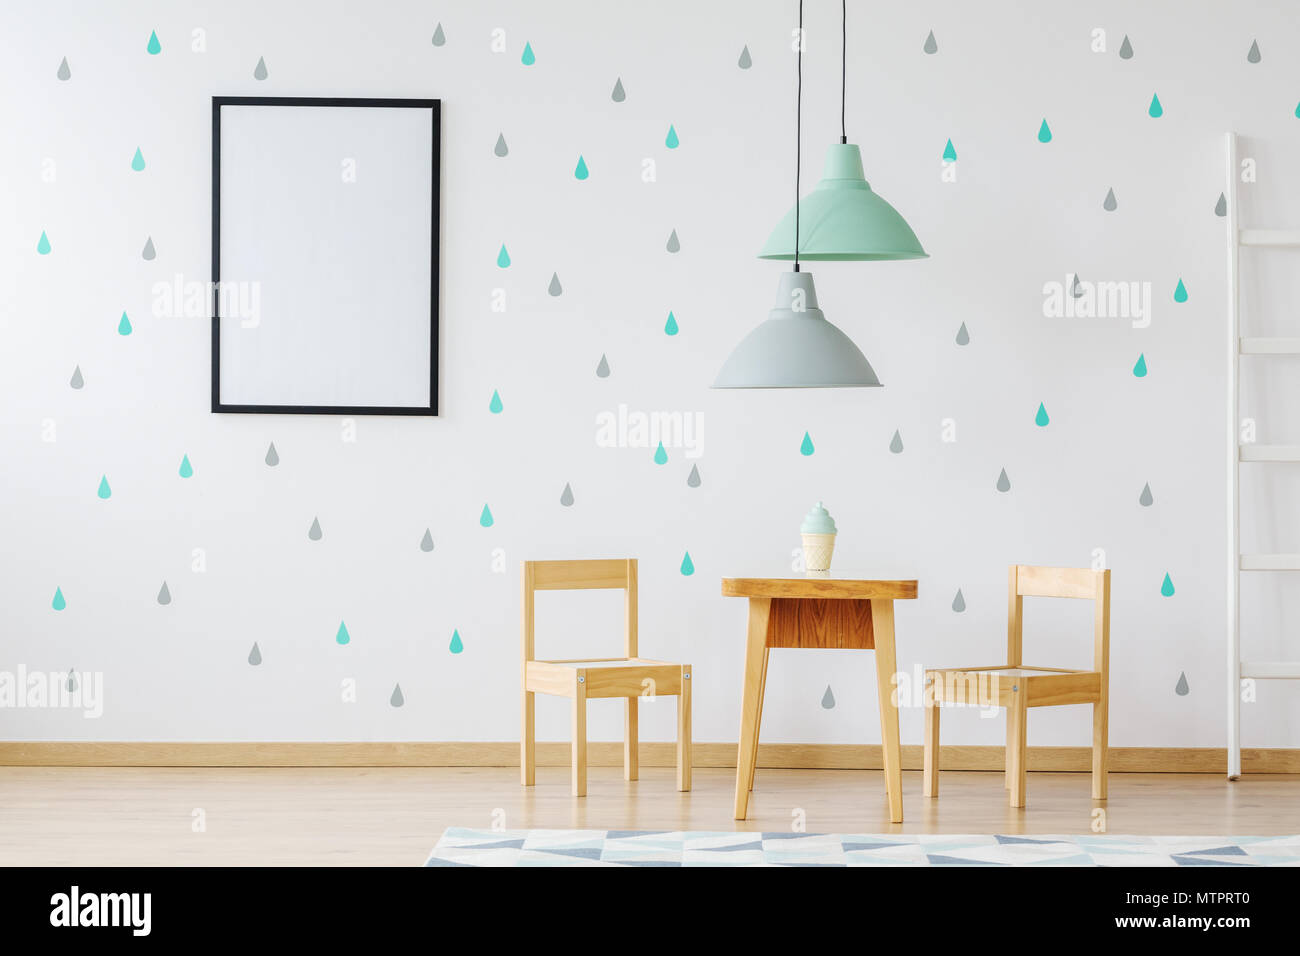 Boceto del cartel sobre el papel tapiz en la habitación de los niños con muebles de madera y lámparas de menta y gris Foto de stock